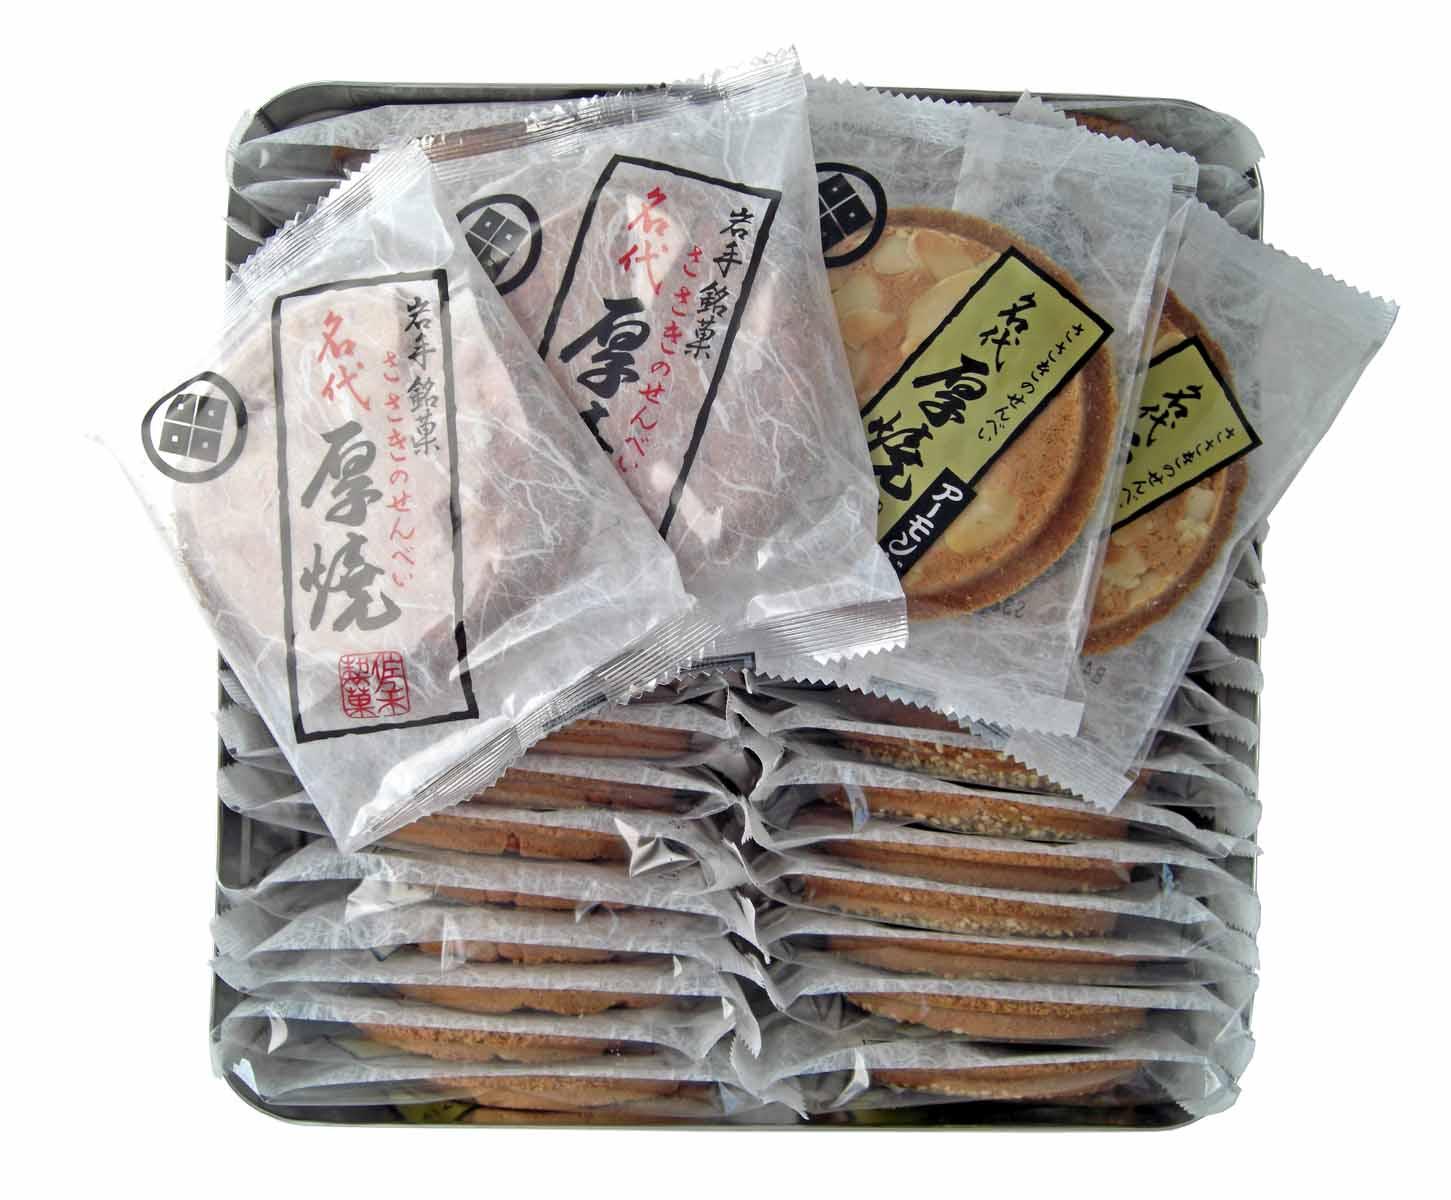 【送料無料】【ネット限定】 厚焼せんべい二種詰合せ 【40枚缶入】(ピーナッツ・アーモンド)佐々木製菓